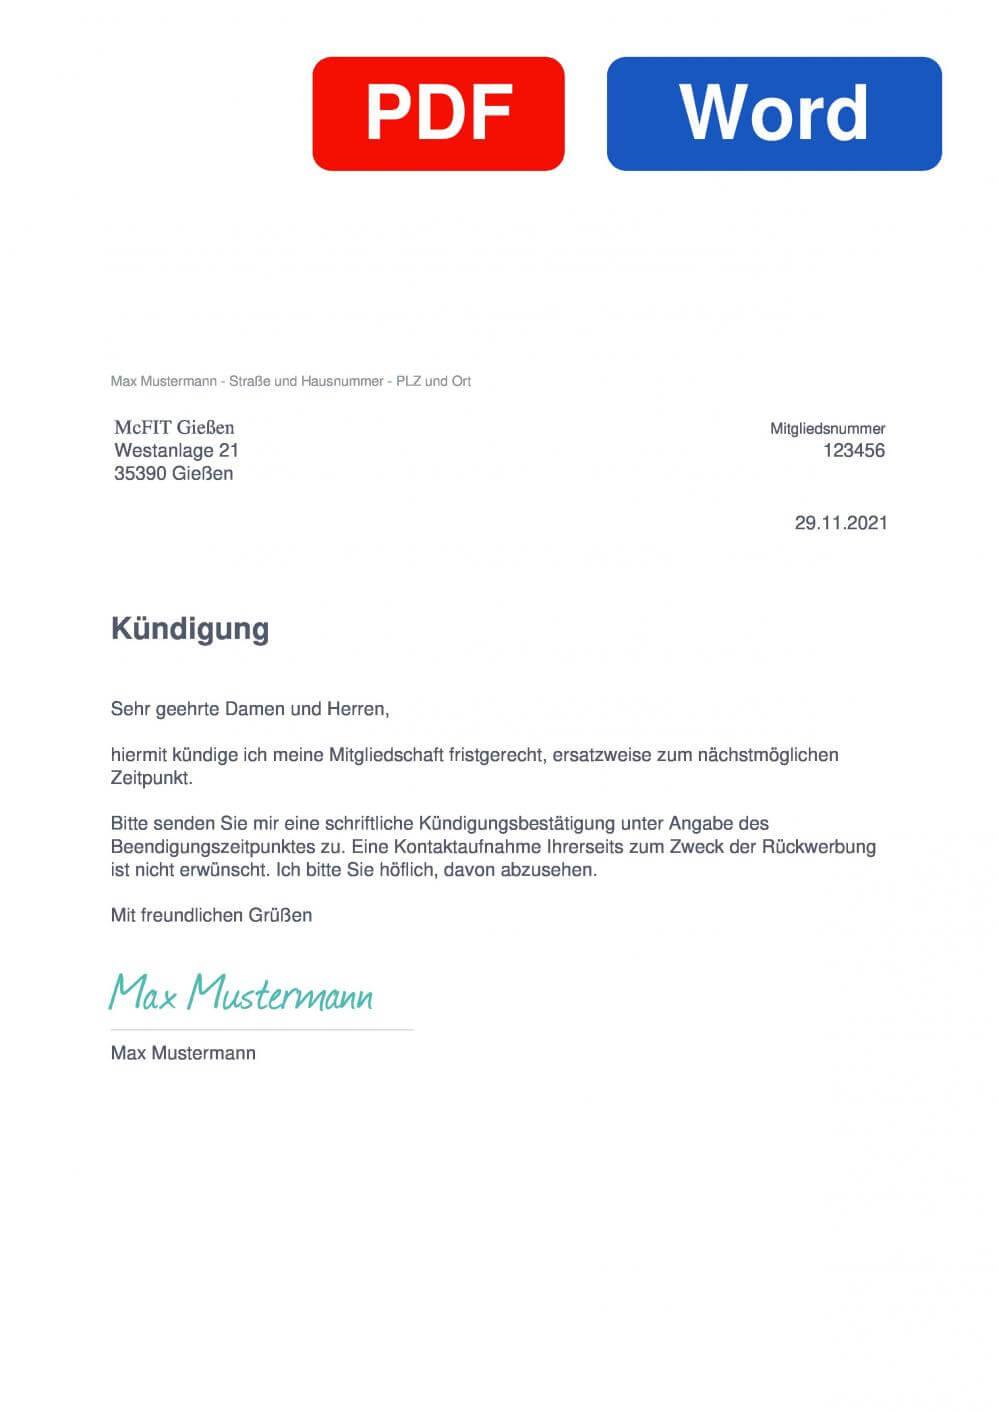 McFIT Gießen Muster Vorlage für Kündigungsschreiben